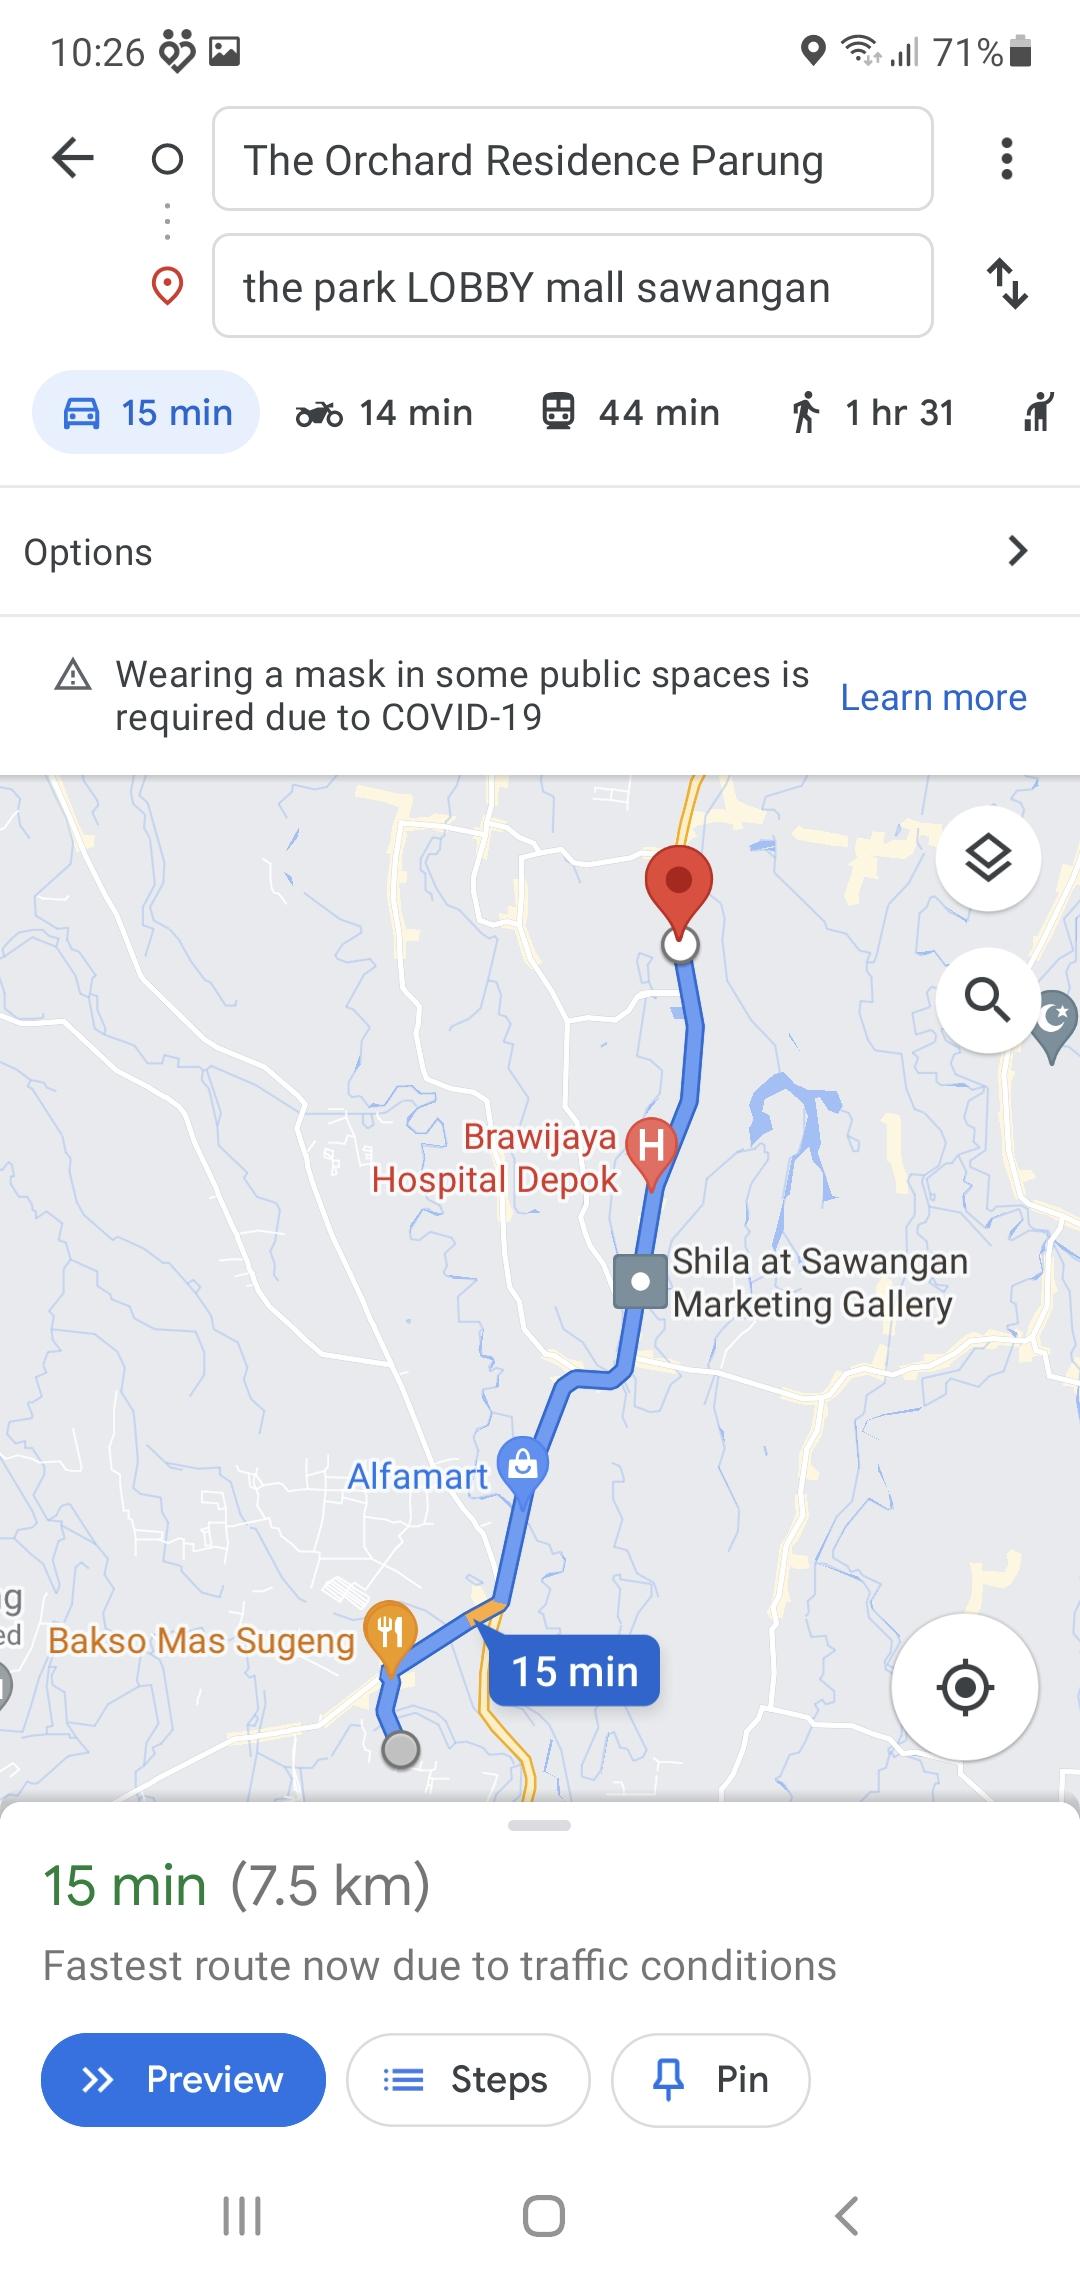 the park mall sawangan